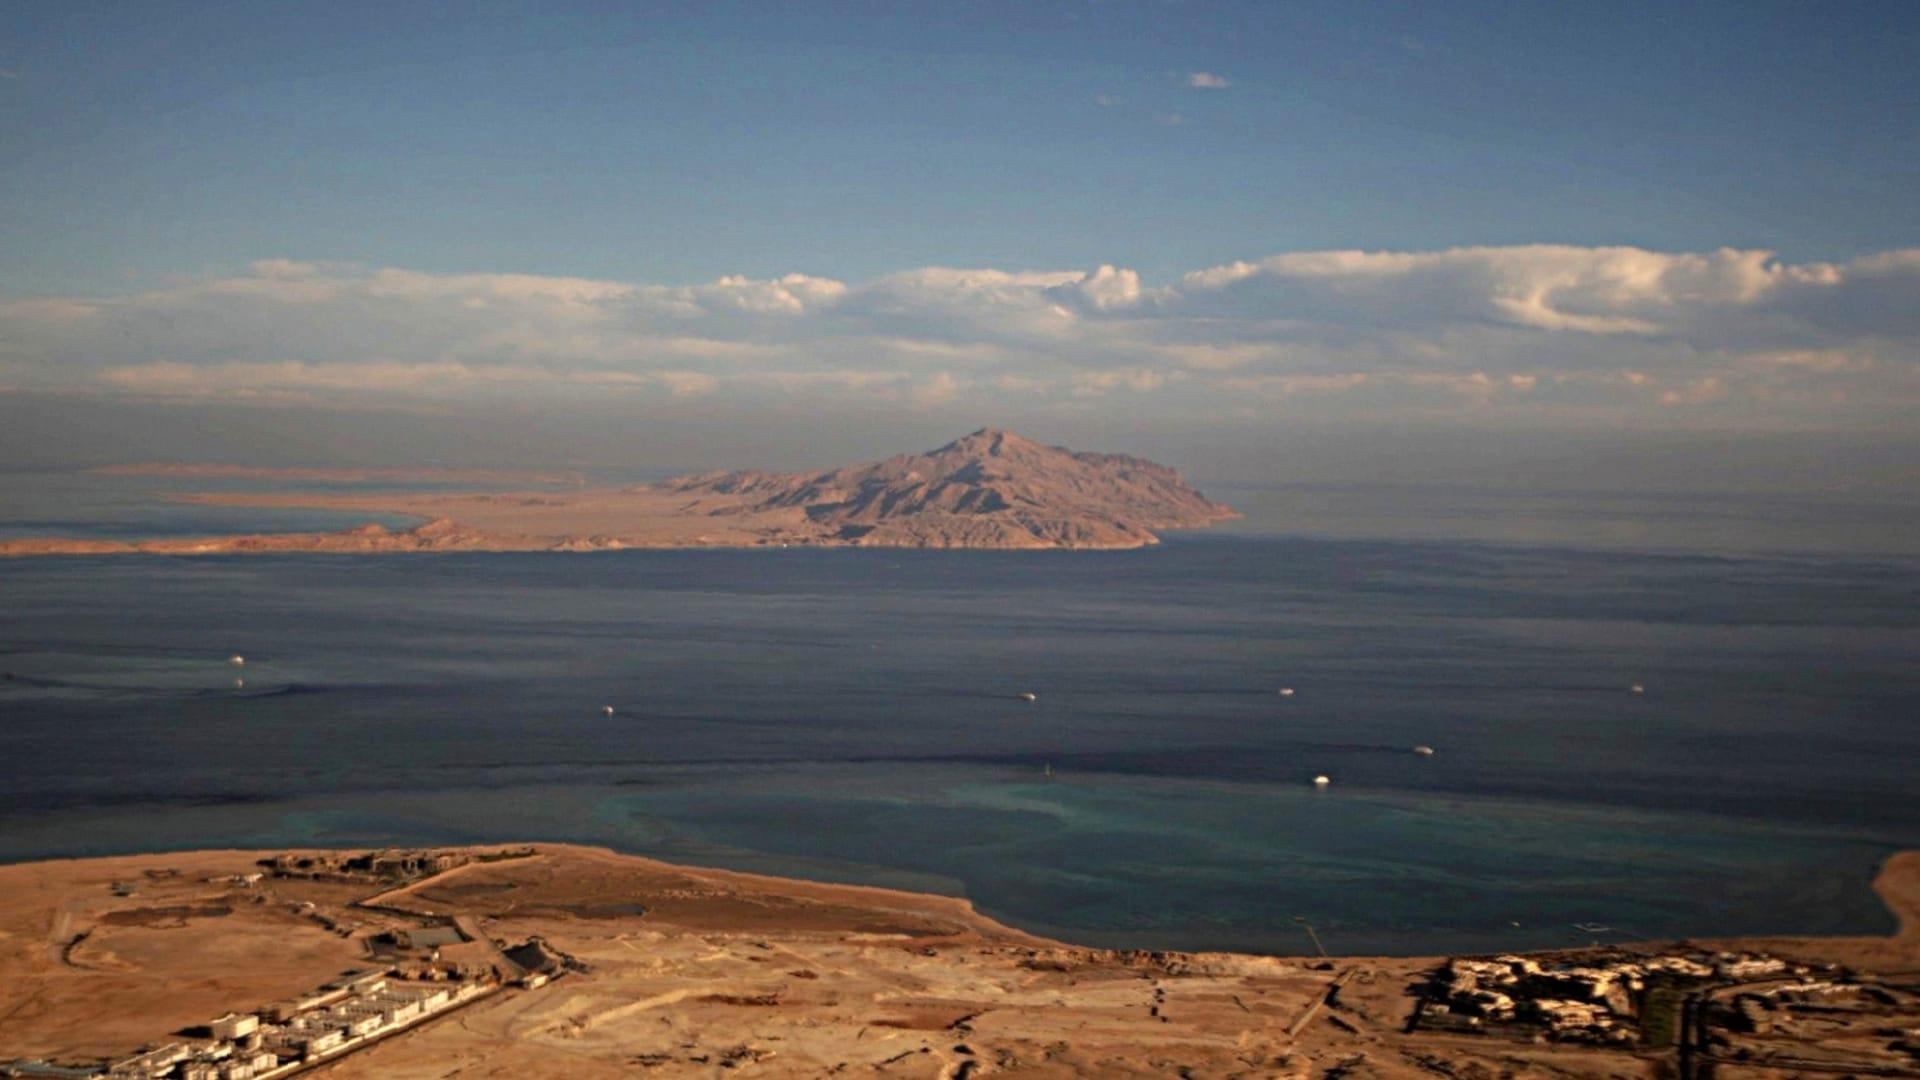 مصر تُعرب عن تعازيها لأسر ضحايا تحطم مروحية قوات حفظ السلام فوق جزيرة تيران